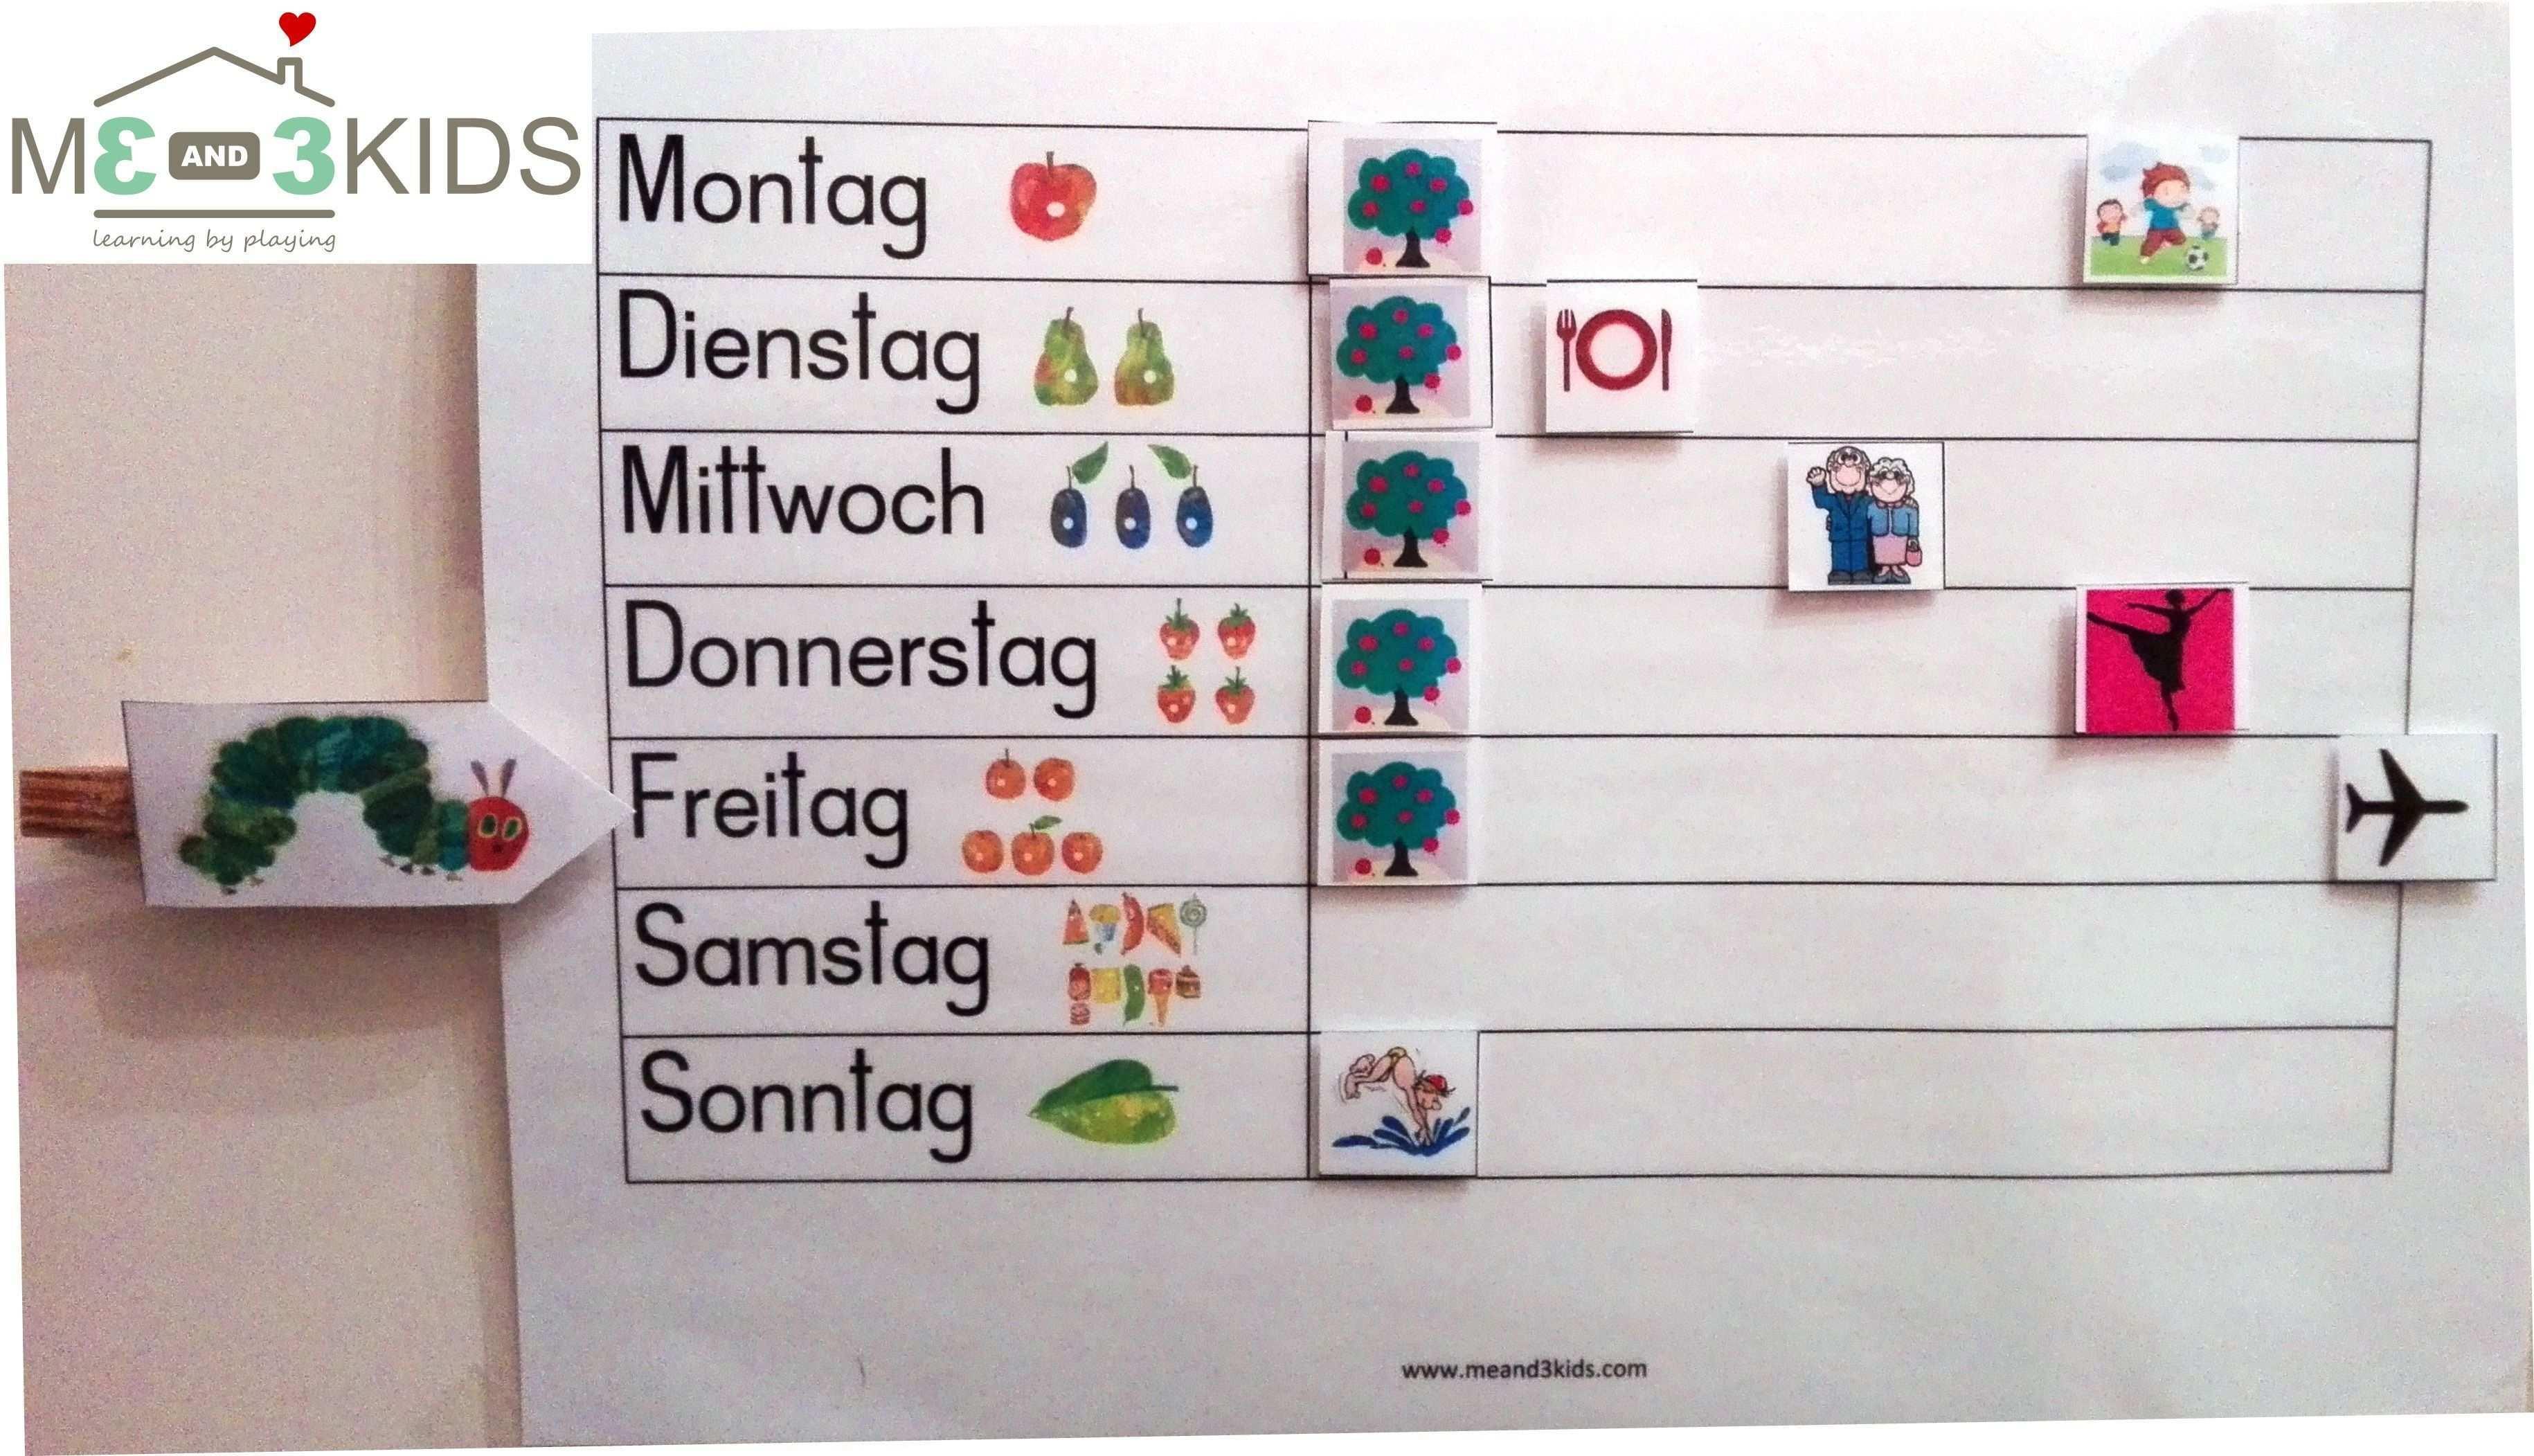 Vorlage Wochenplan Kindergarten Google Suche Wochen Planer Kalender Fur Kinder Wochenplan Vorlage